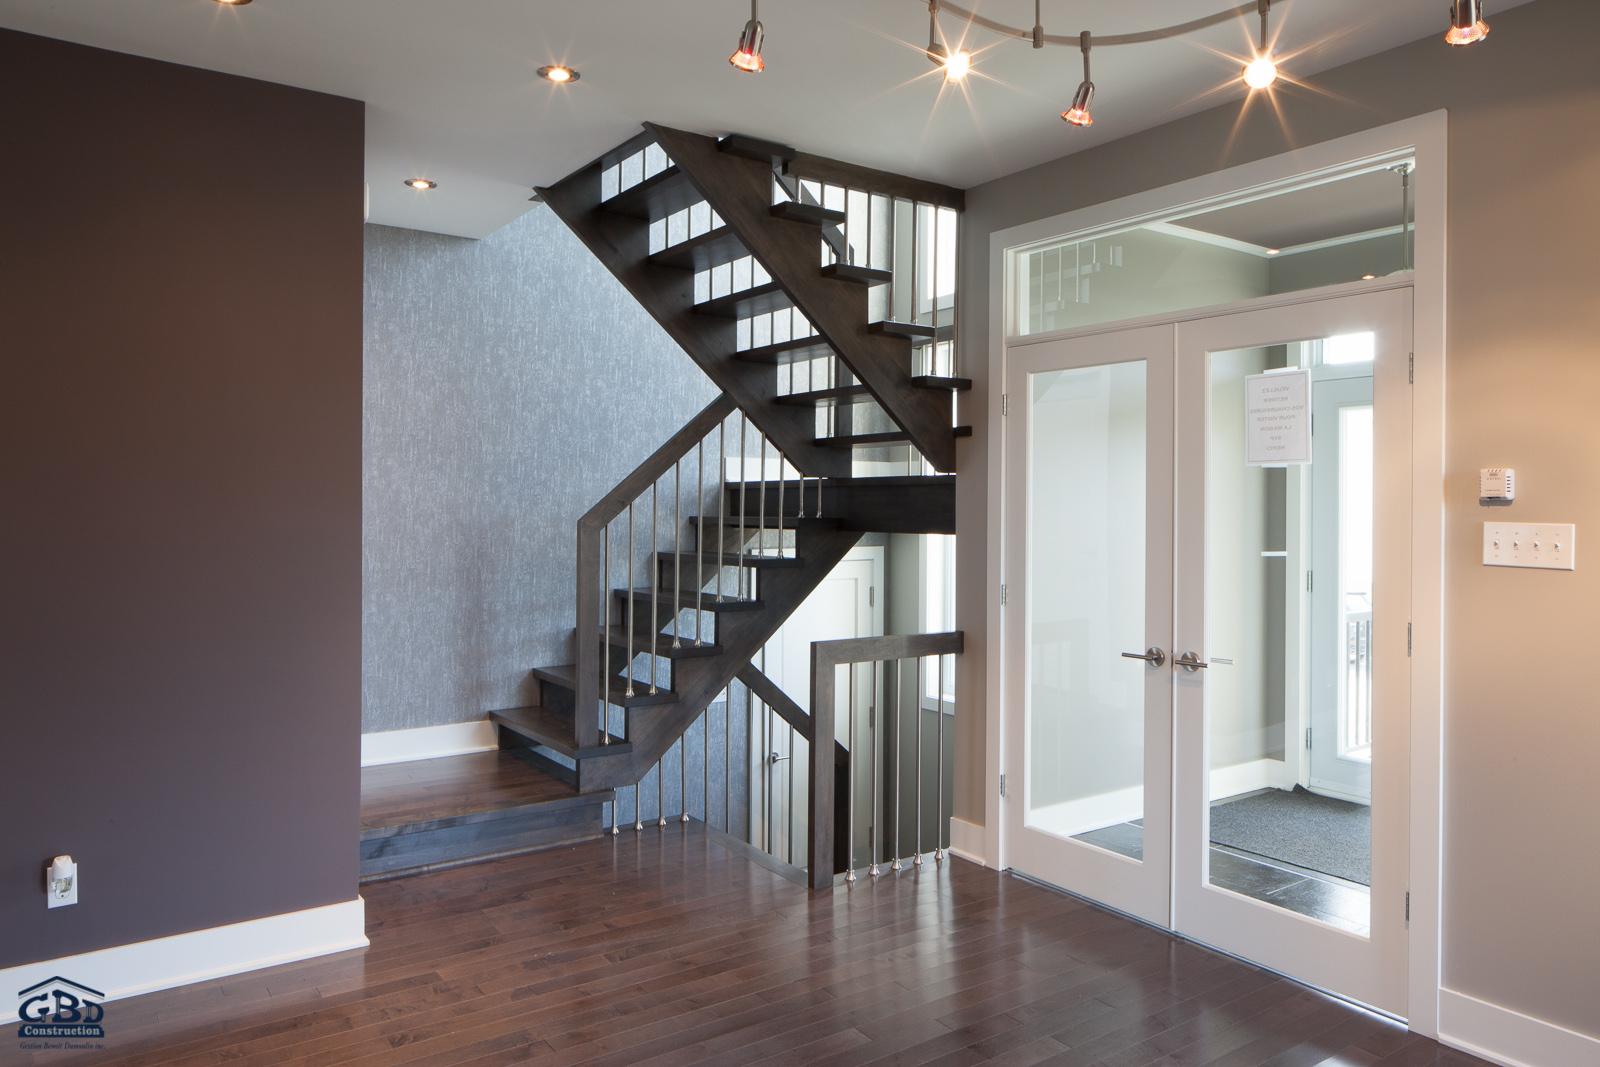 habitat 5th avenue maison neuve deux tages de type cottage gbd construction. Black Bedroom Furniture Sets. Home Design Ideas